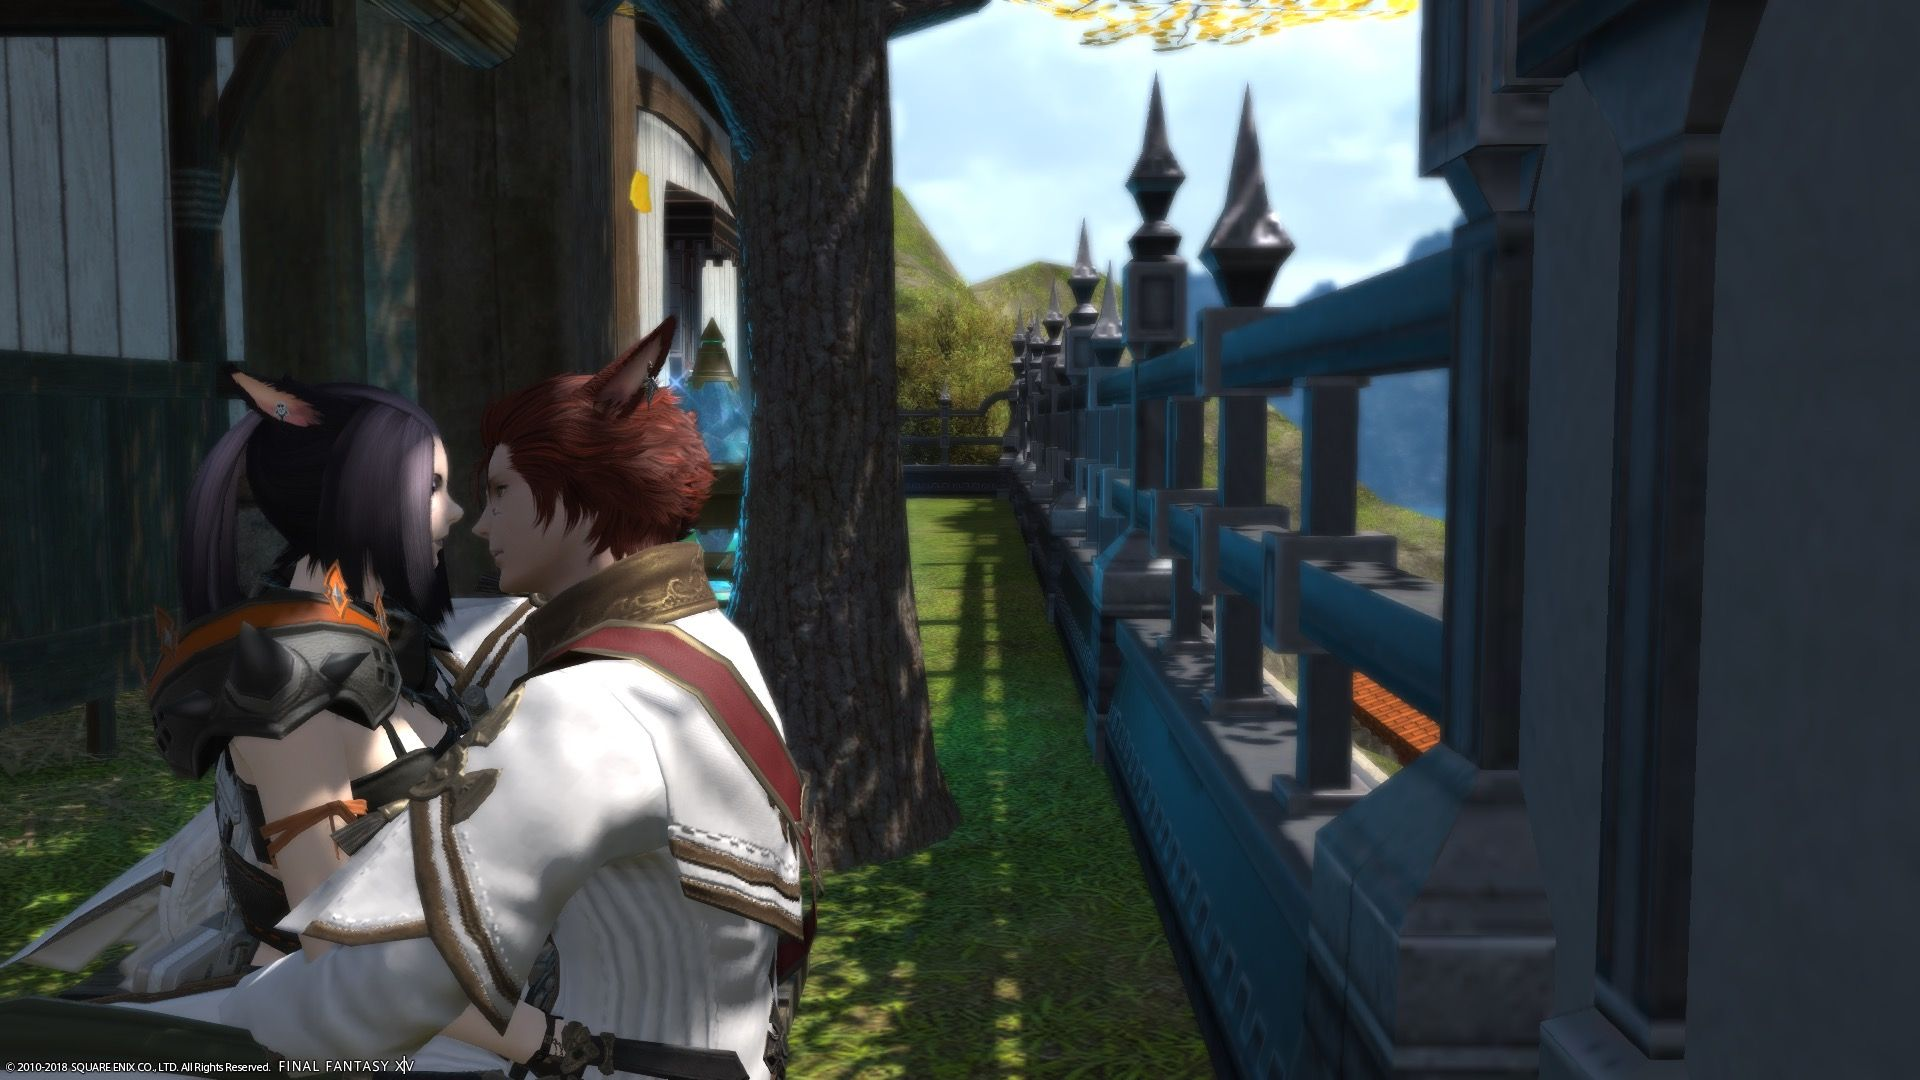 Cute screenshots | Final fantasy xiv | Final fantasy xiv